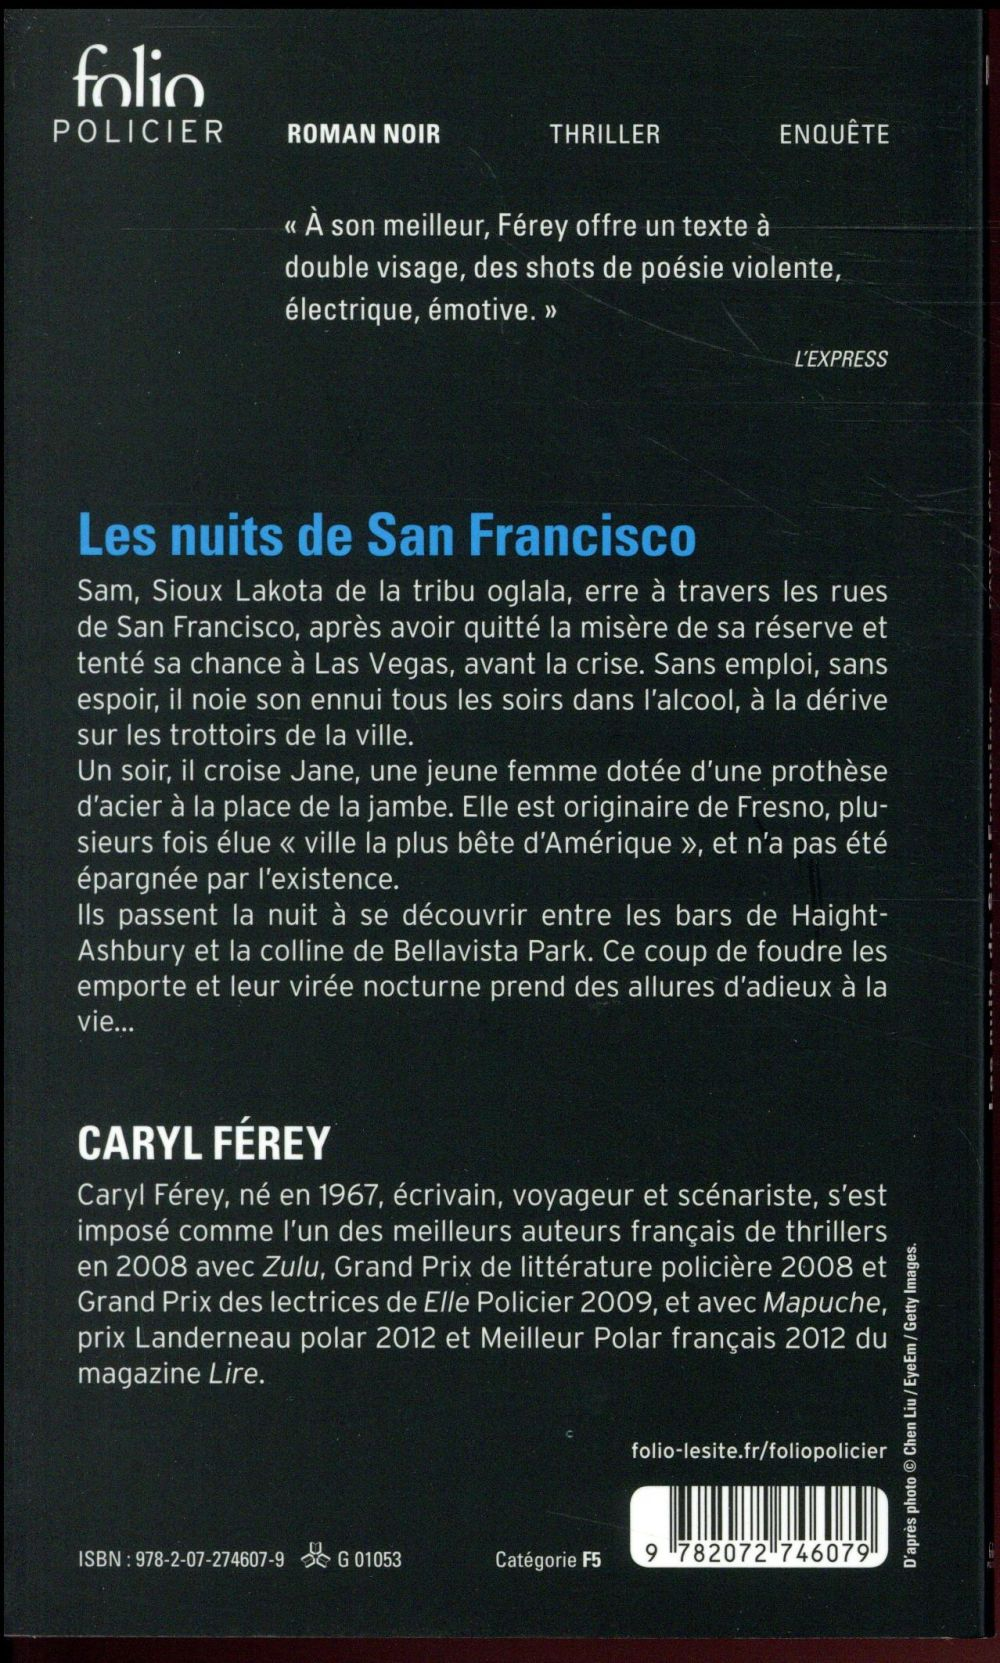 Les nuits de San Francisco